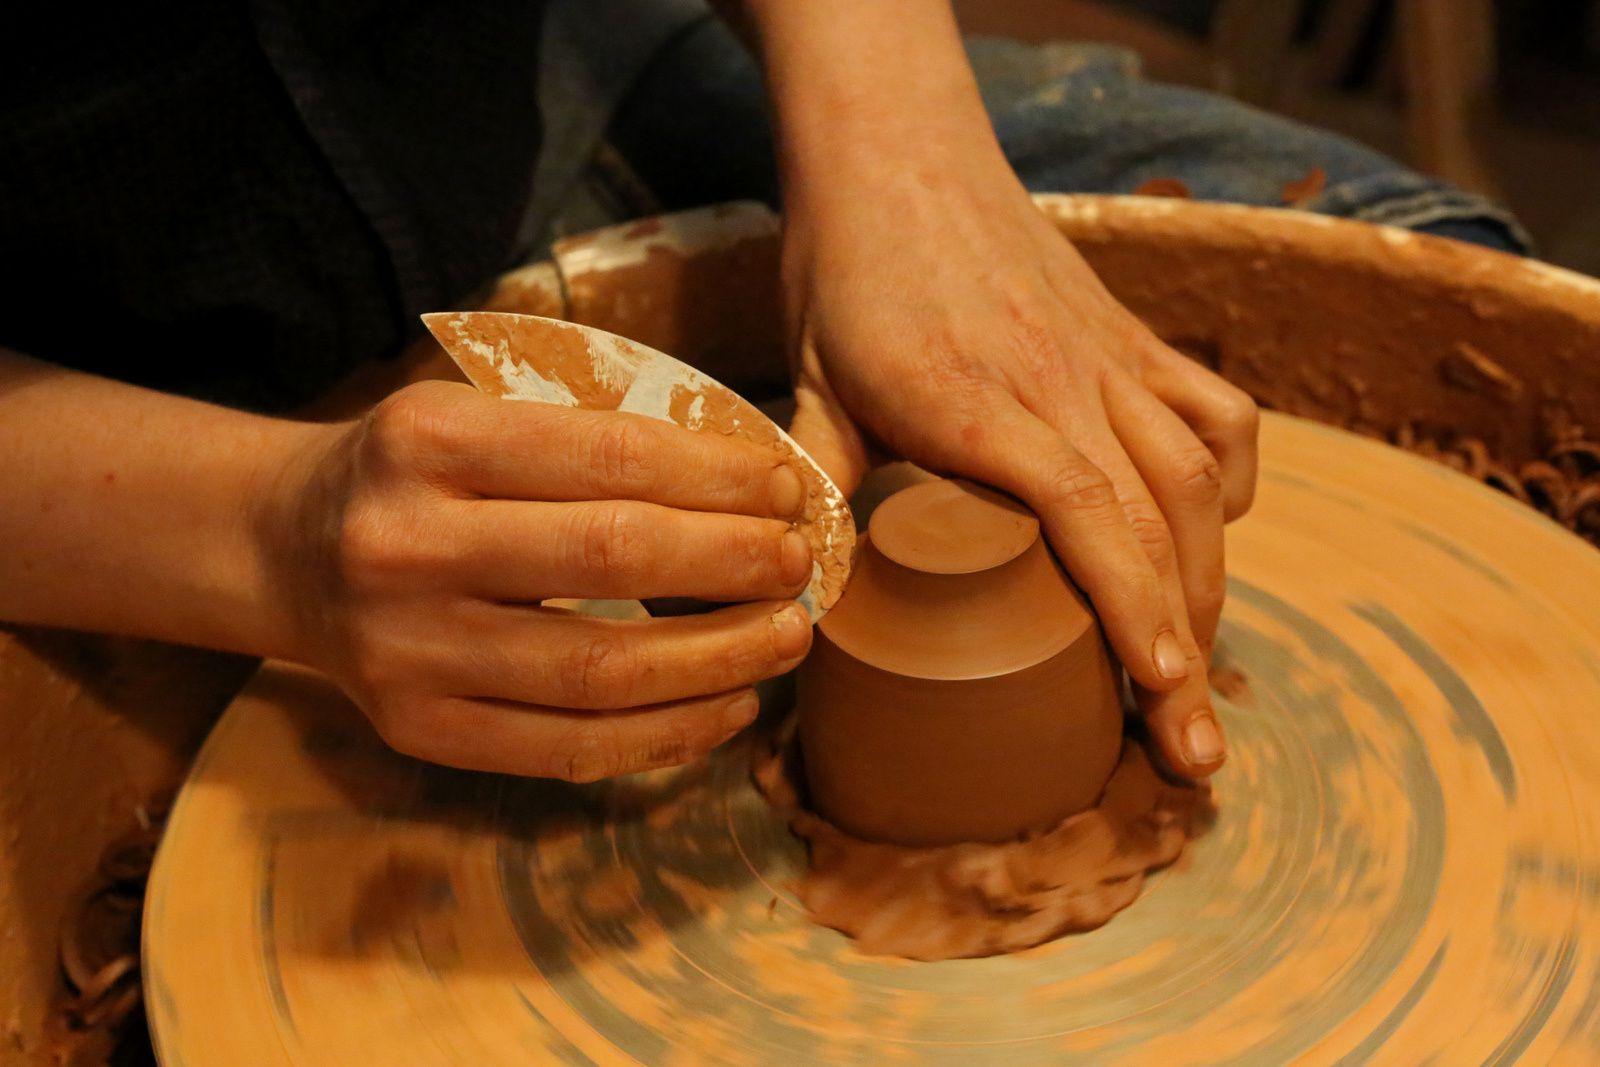 L'art de la poterie